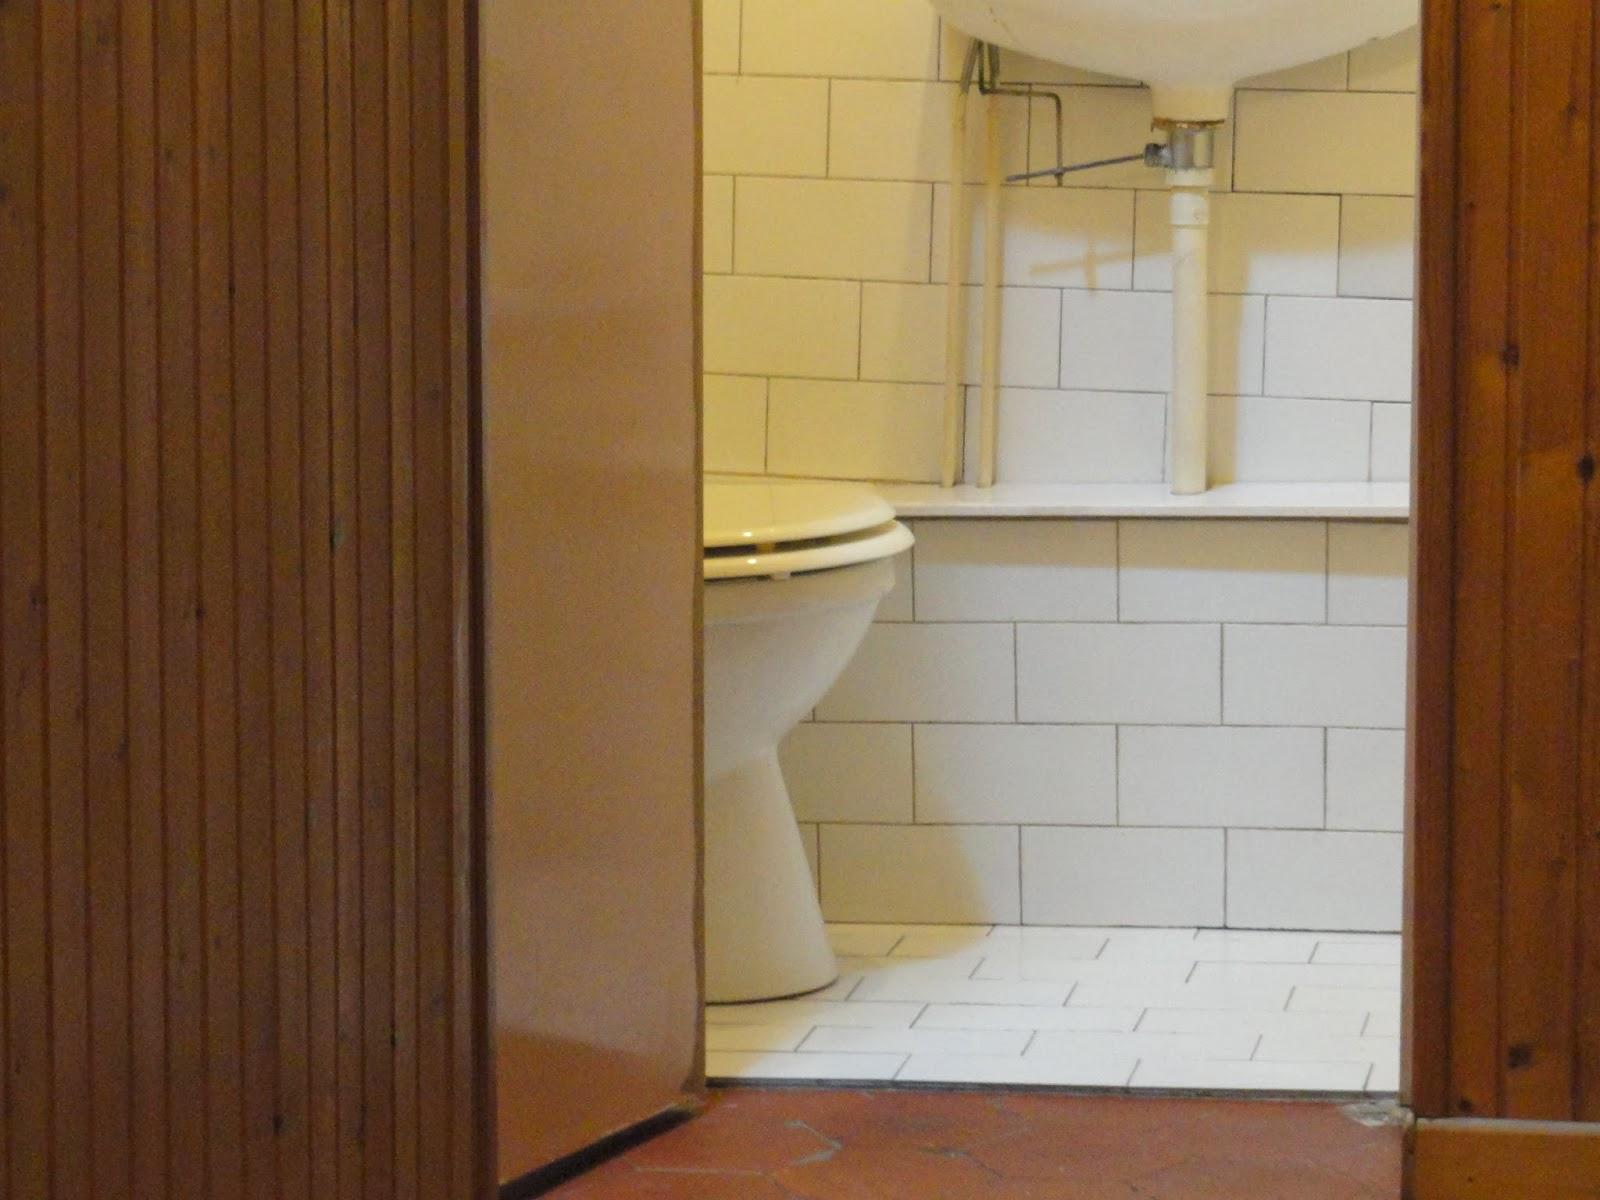 Carrelage Salle De Bain France ~ Location Grand Studio Meubl 12 Quai Des C Lestins Salle De Bains Wc